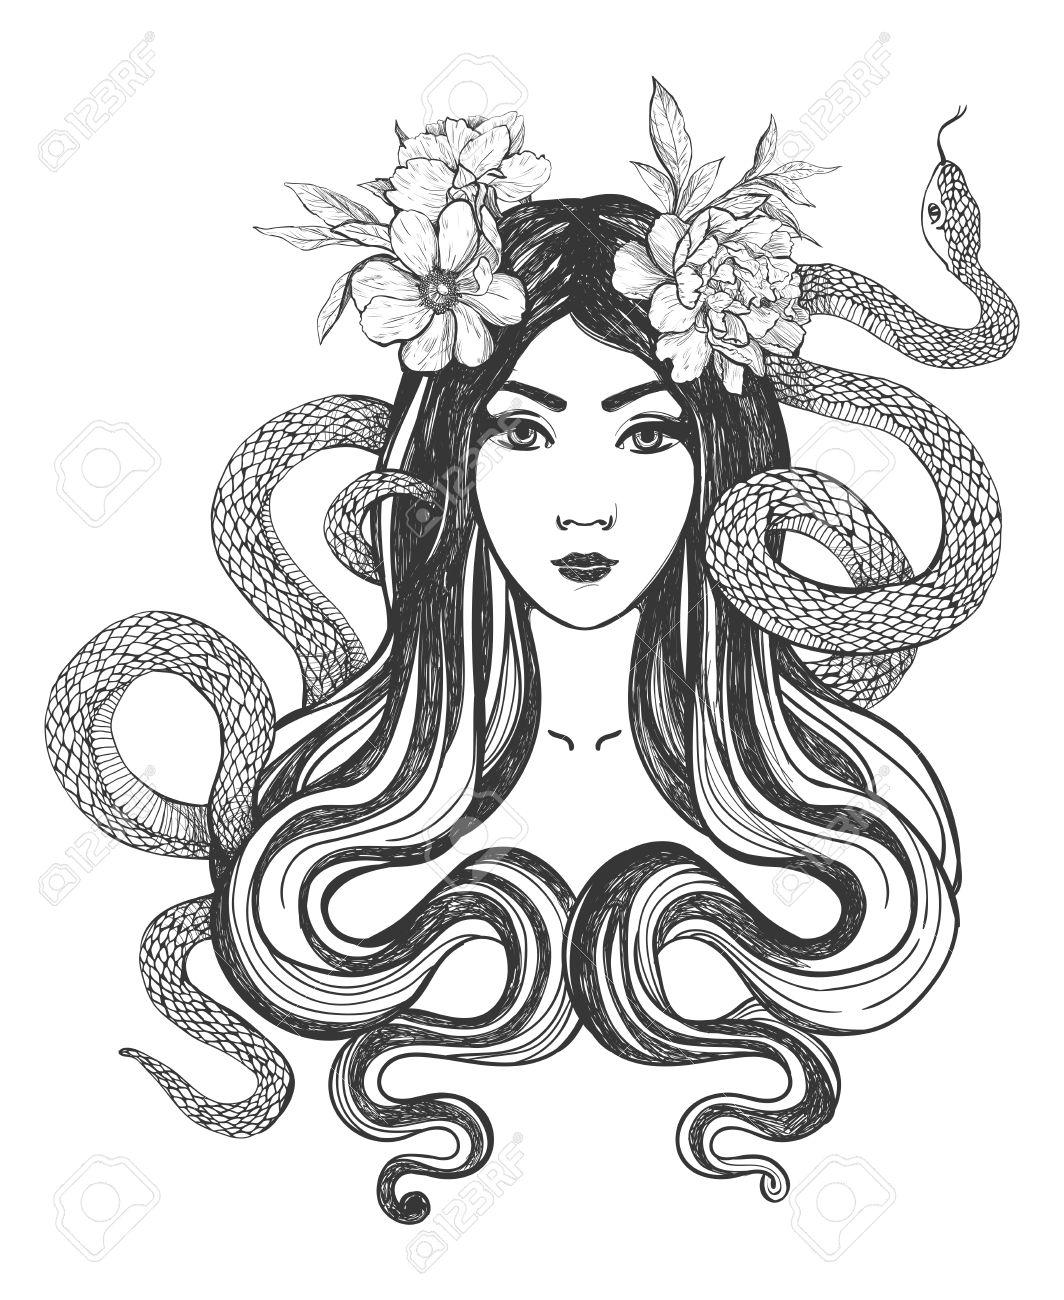 Mujer Con Flores Y Serpientes. Arte Del Tatuaje, Libros Para ...